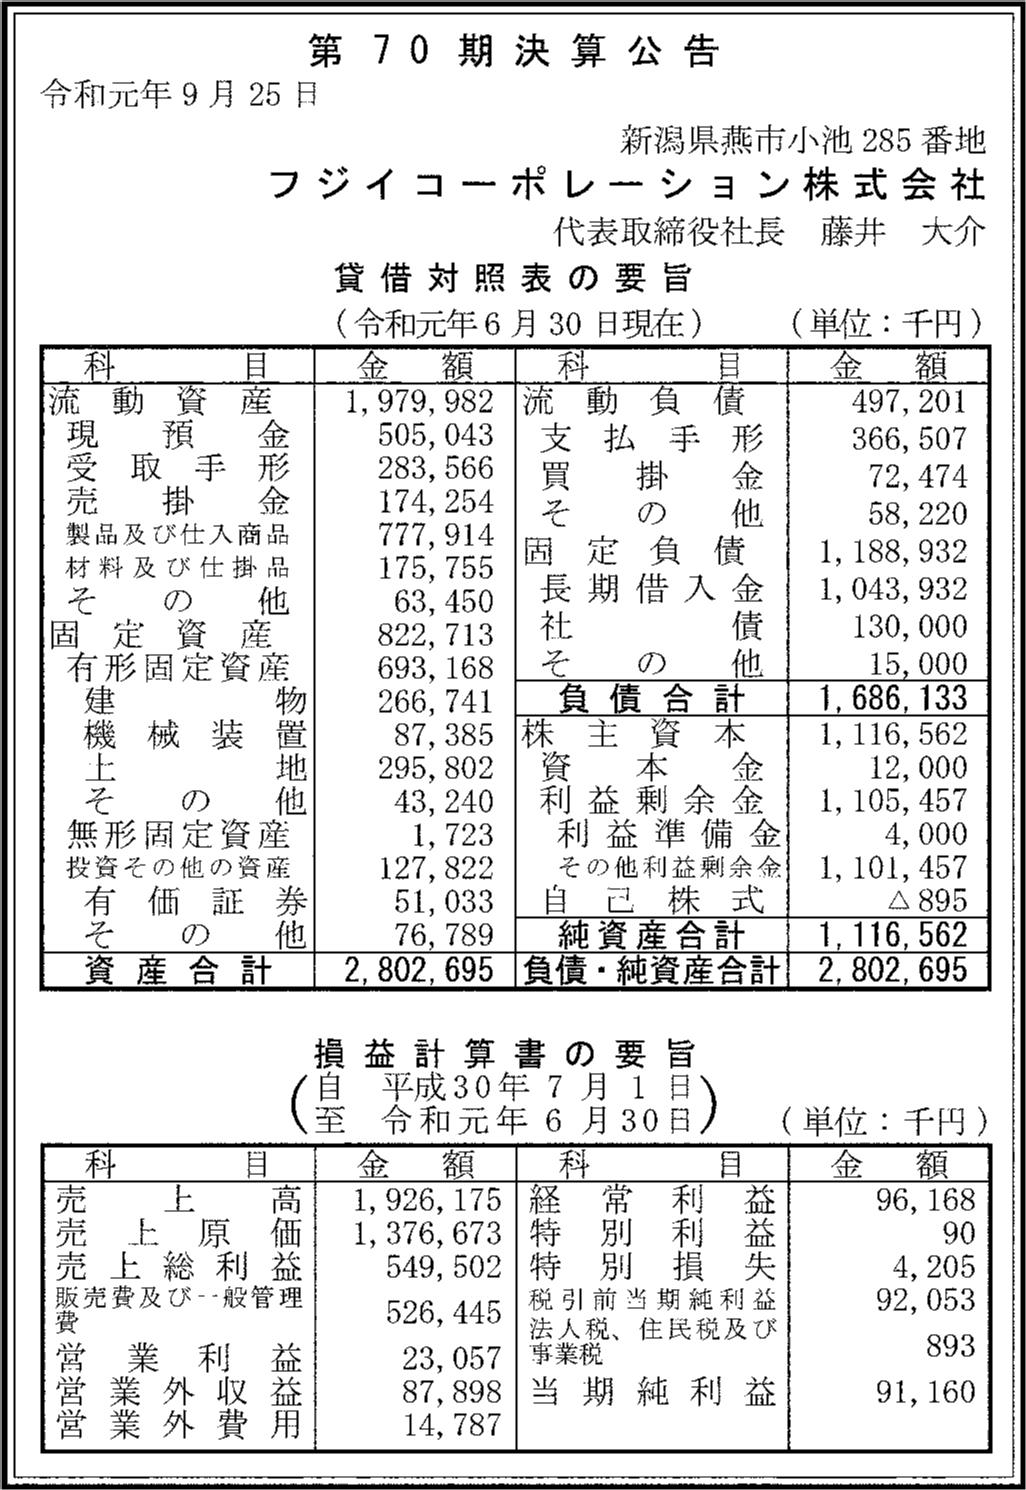 0125 864b0998ba430f7656c9718157b81f06402b2fd2647bf553ba64ee72445666423909ce7def15d11a0f5b698370fe1e19f459e542ade4ab486f8e4ad84b598de0 06